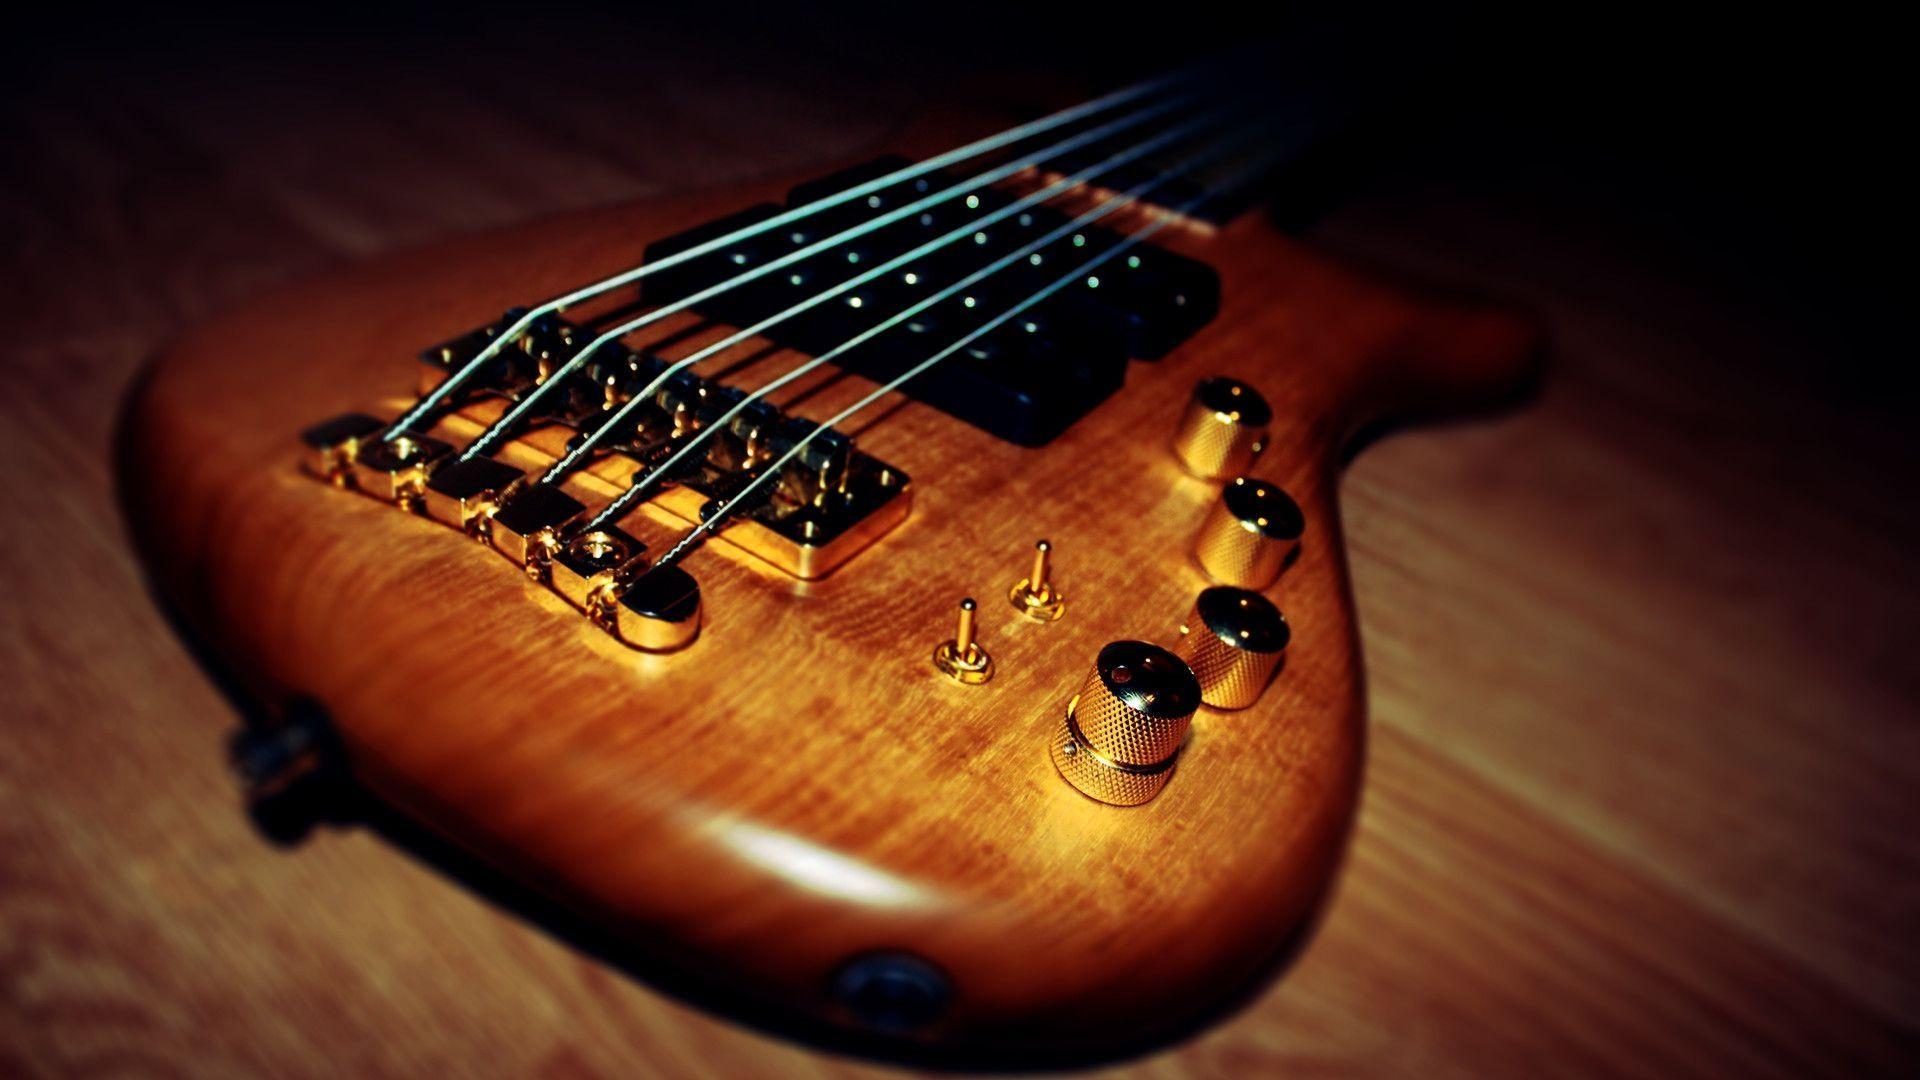 Electric Guitar strings, 1080p Wallpaper